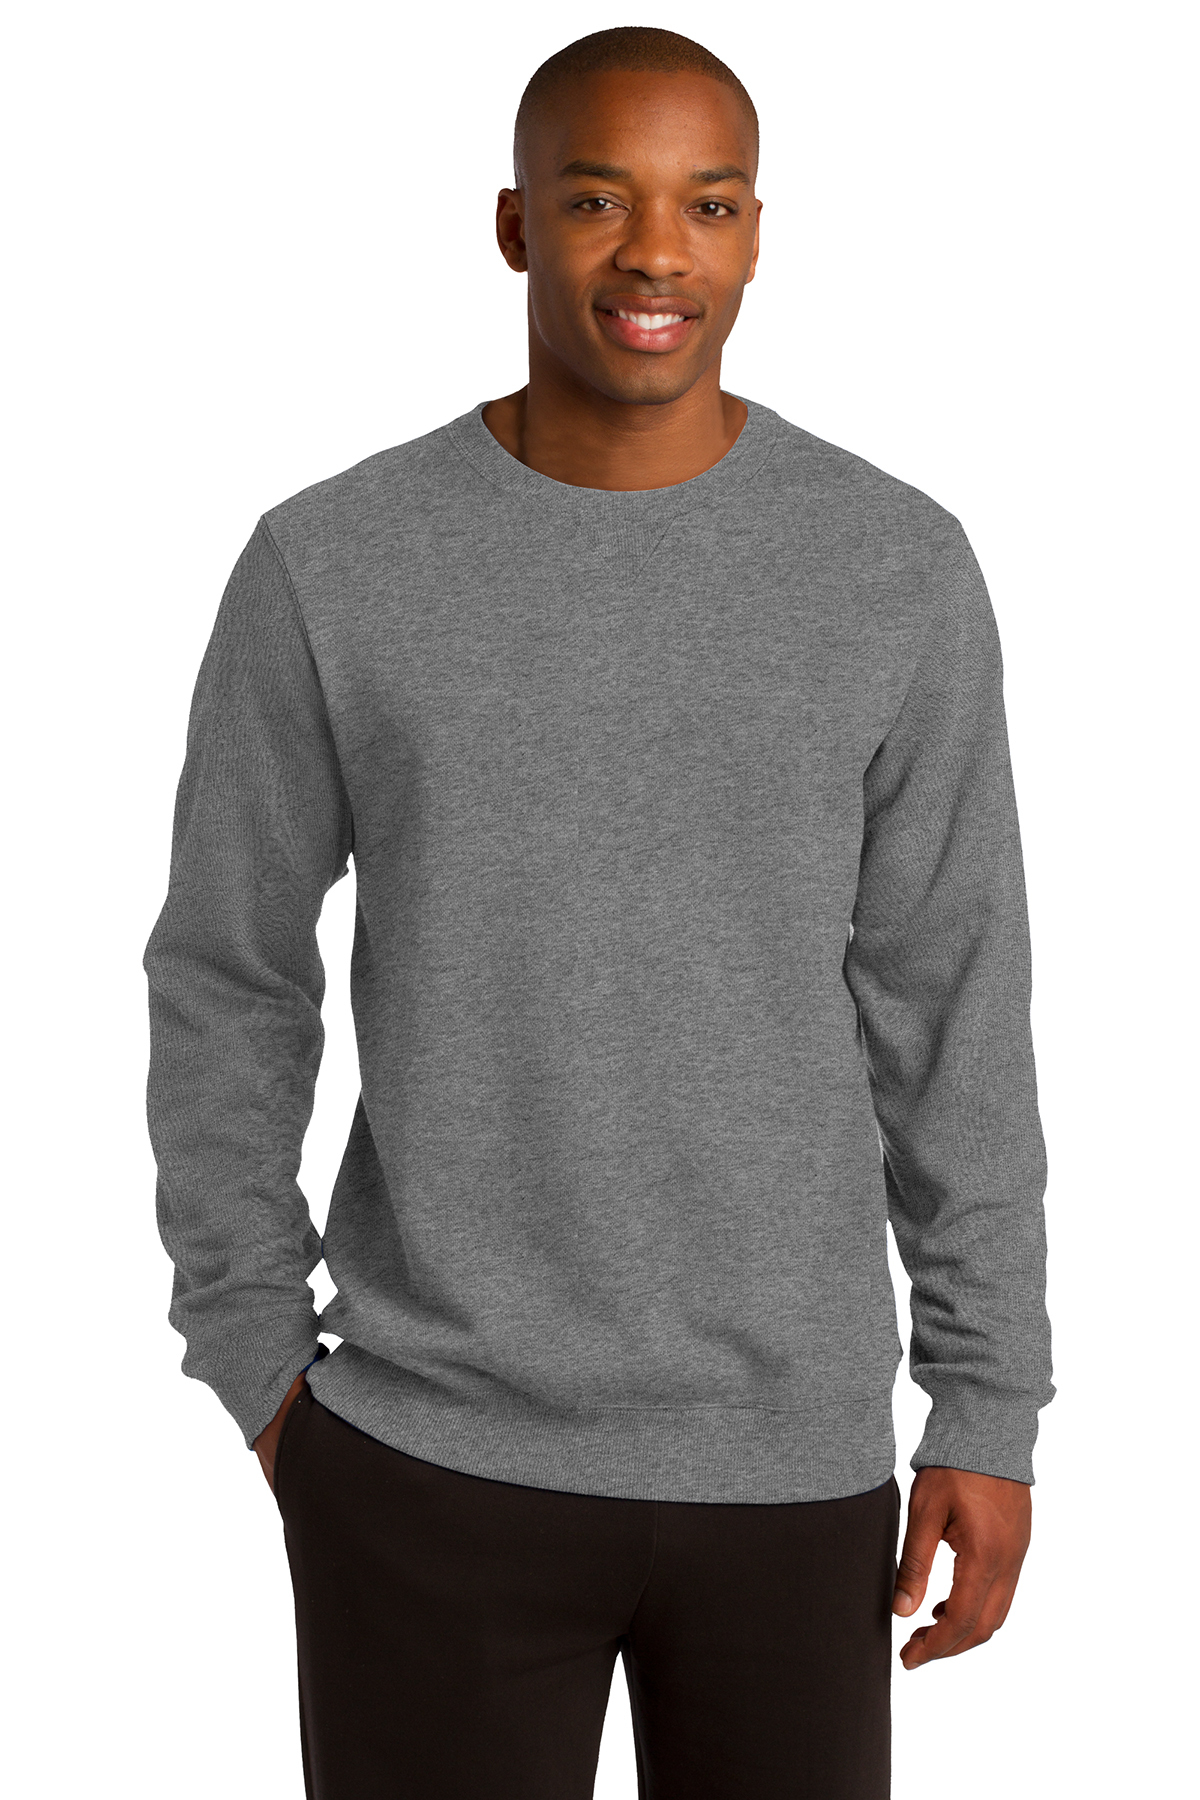 Sport Tek Crewneck Sweatshirt Crewnecks Sweatshirts Fleece Sport Tek Hem günlük hem de antrenman öncesi, esnası ve sonrasında kullanılan fonksiyonel üst giyim ürünleridir. sport tek crewneck sweatshirt